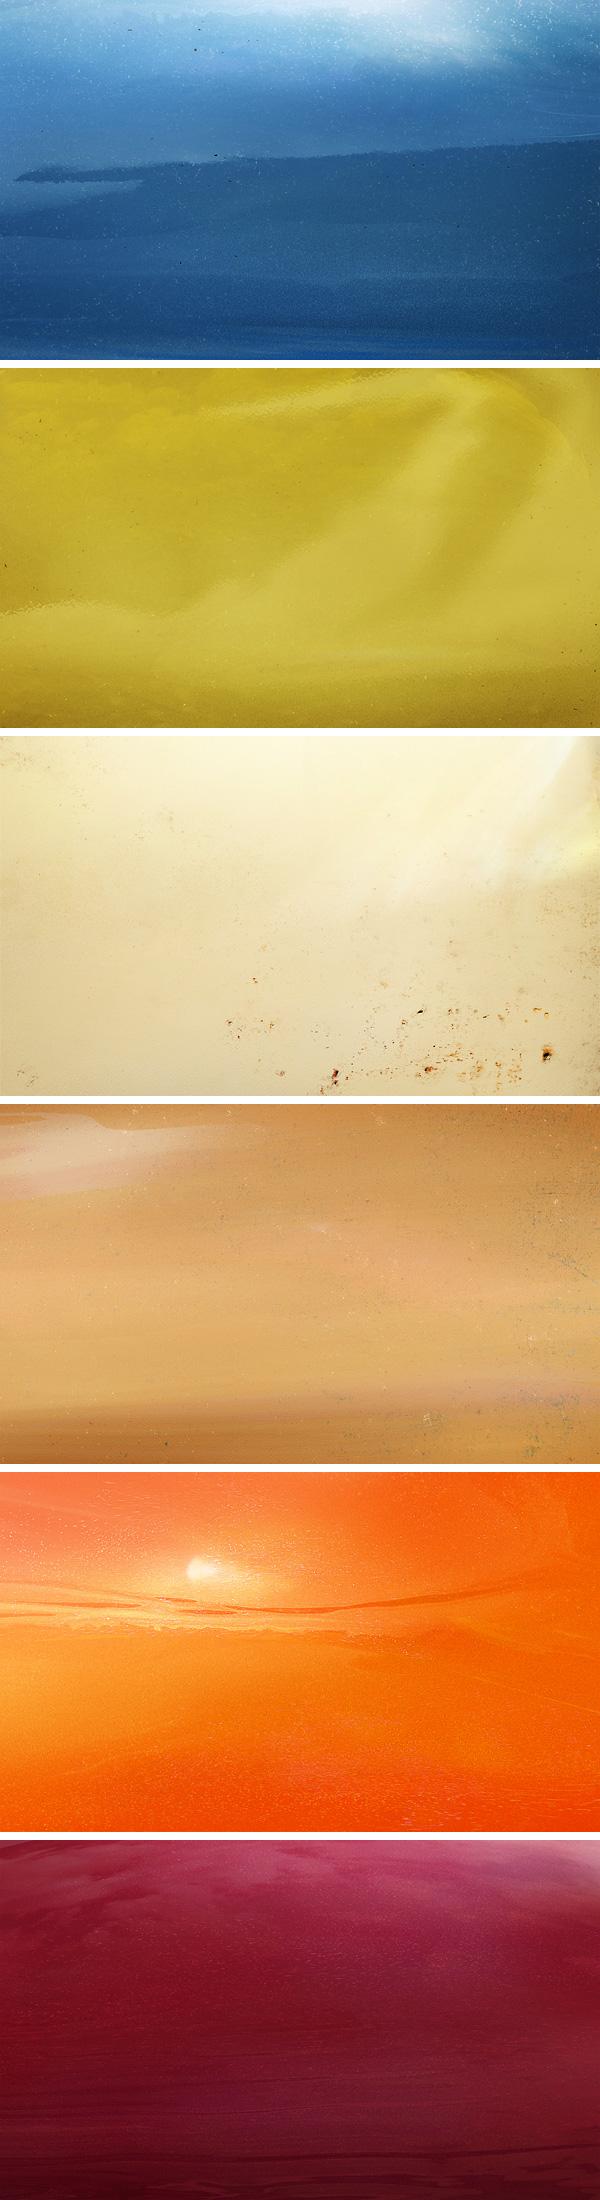 6 retro car paint textures